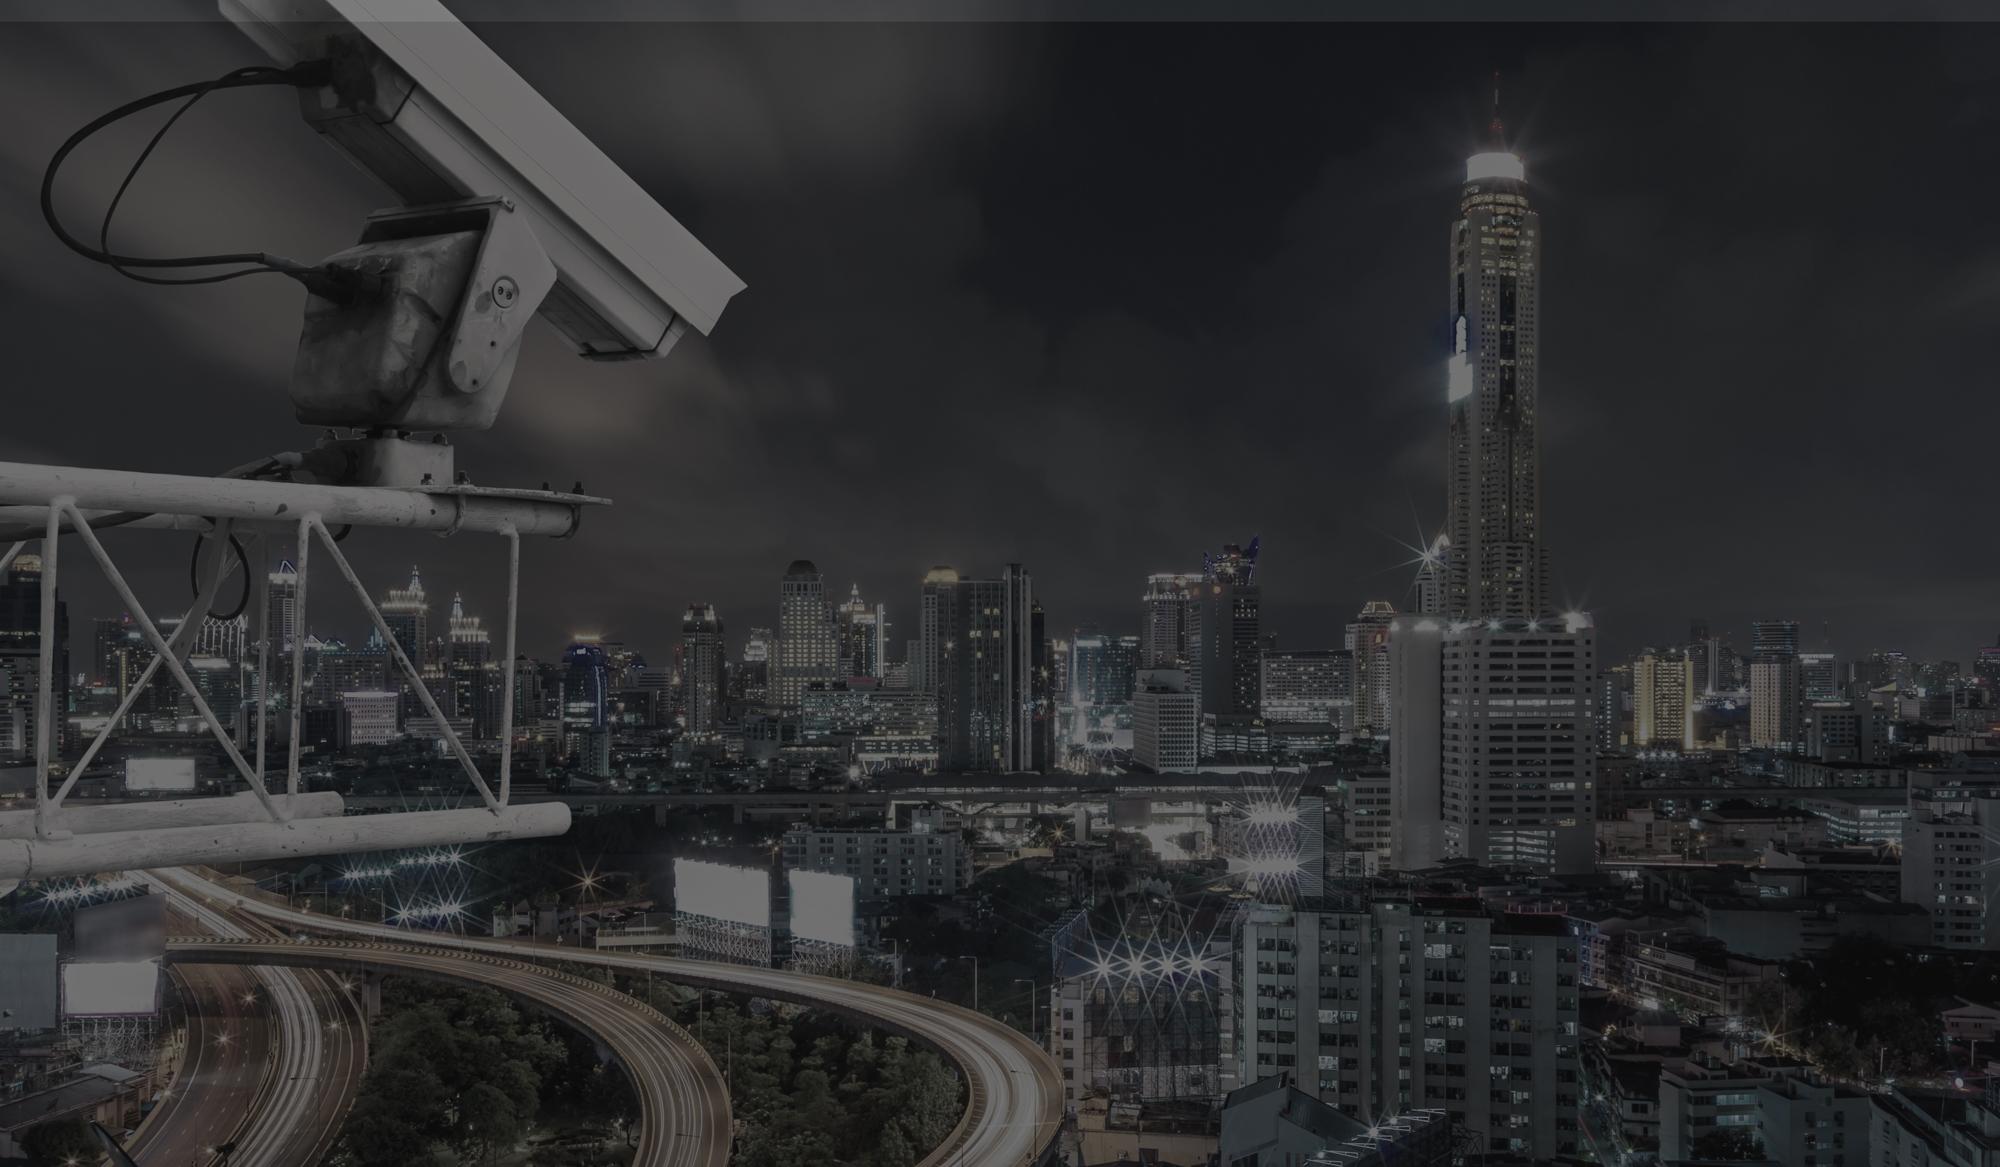 Kamerarendszerek szakszerű telepítése, ingyenes felméréssel.